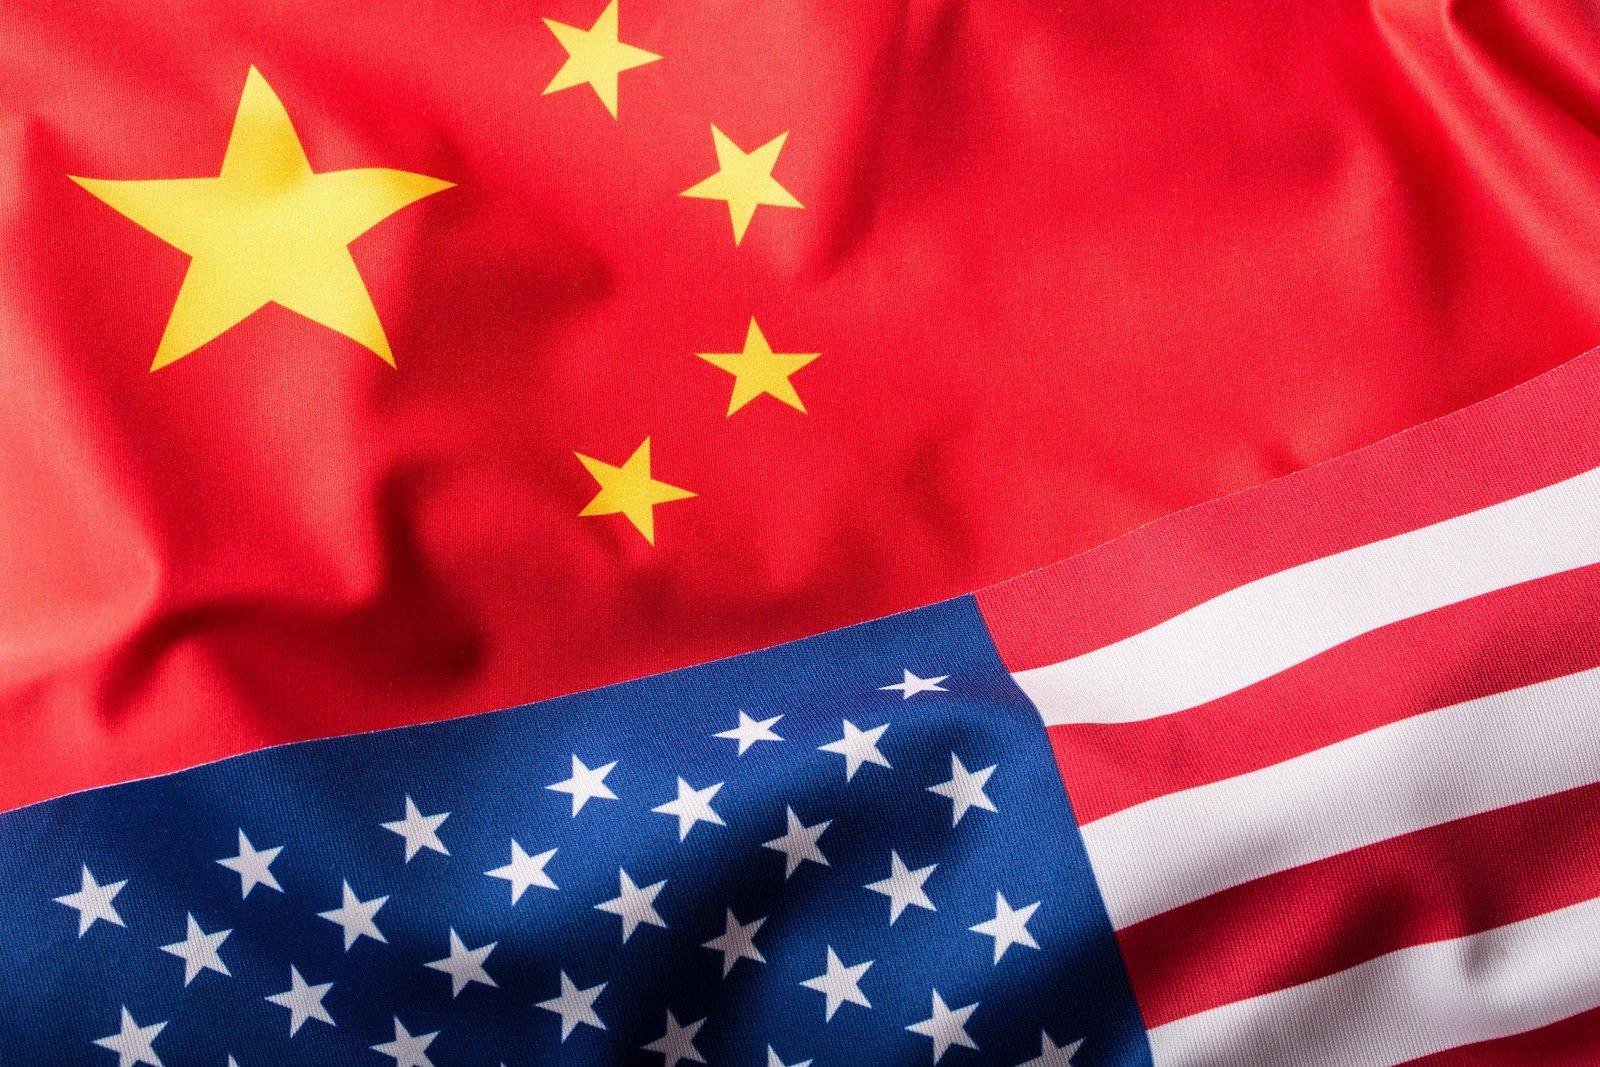 Usa flag and china flag.